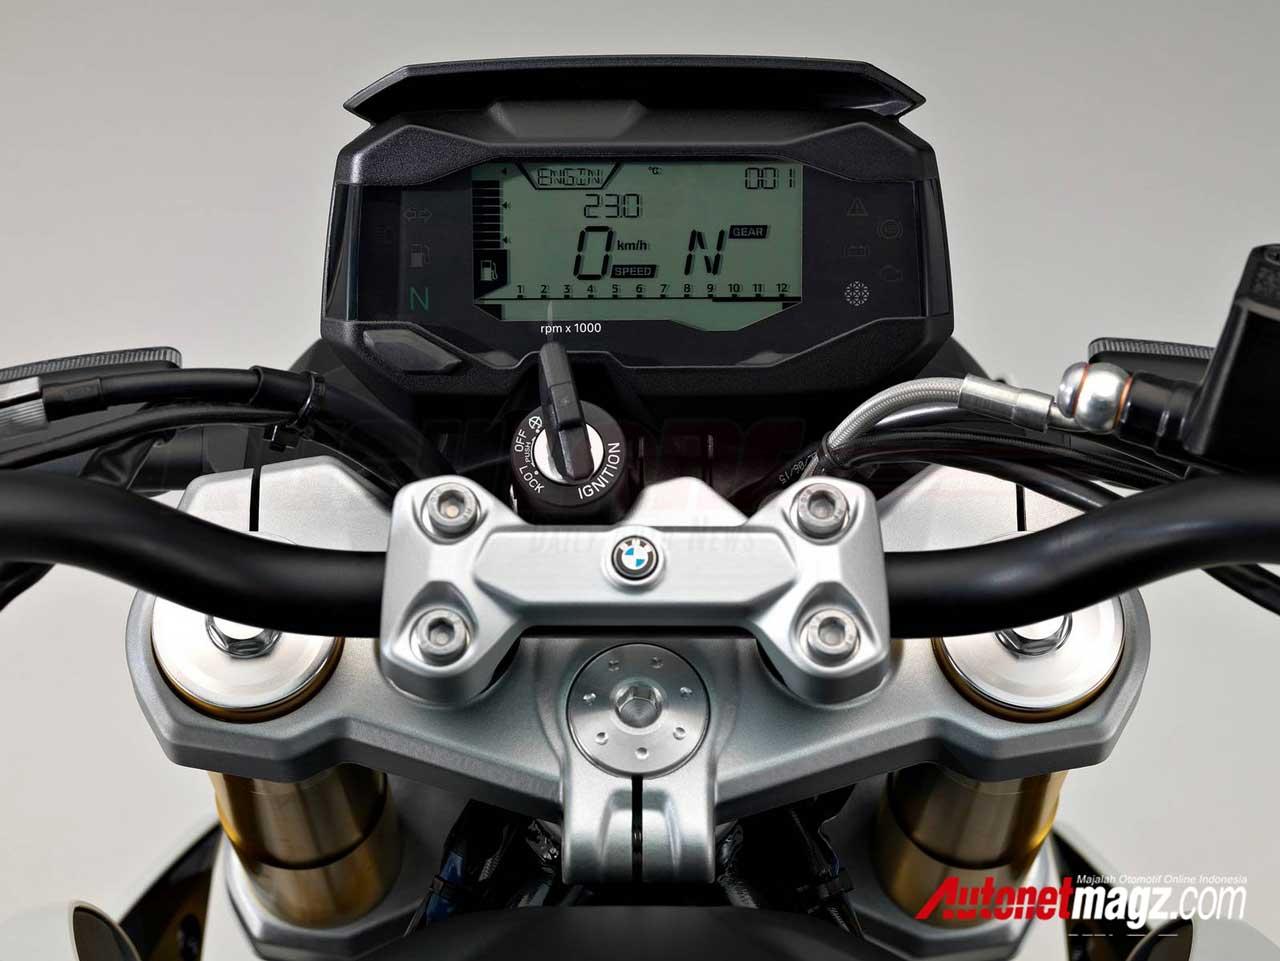 BMW-G310R-Instrument